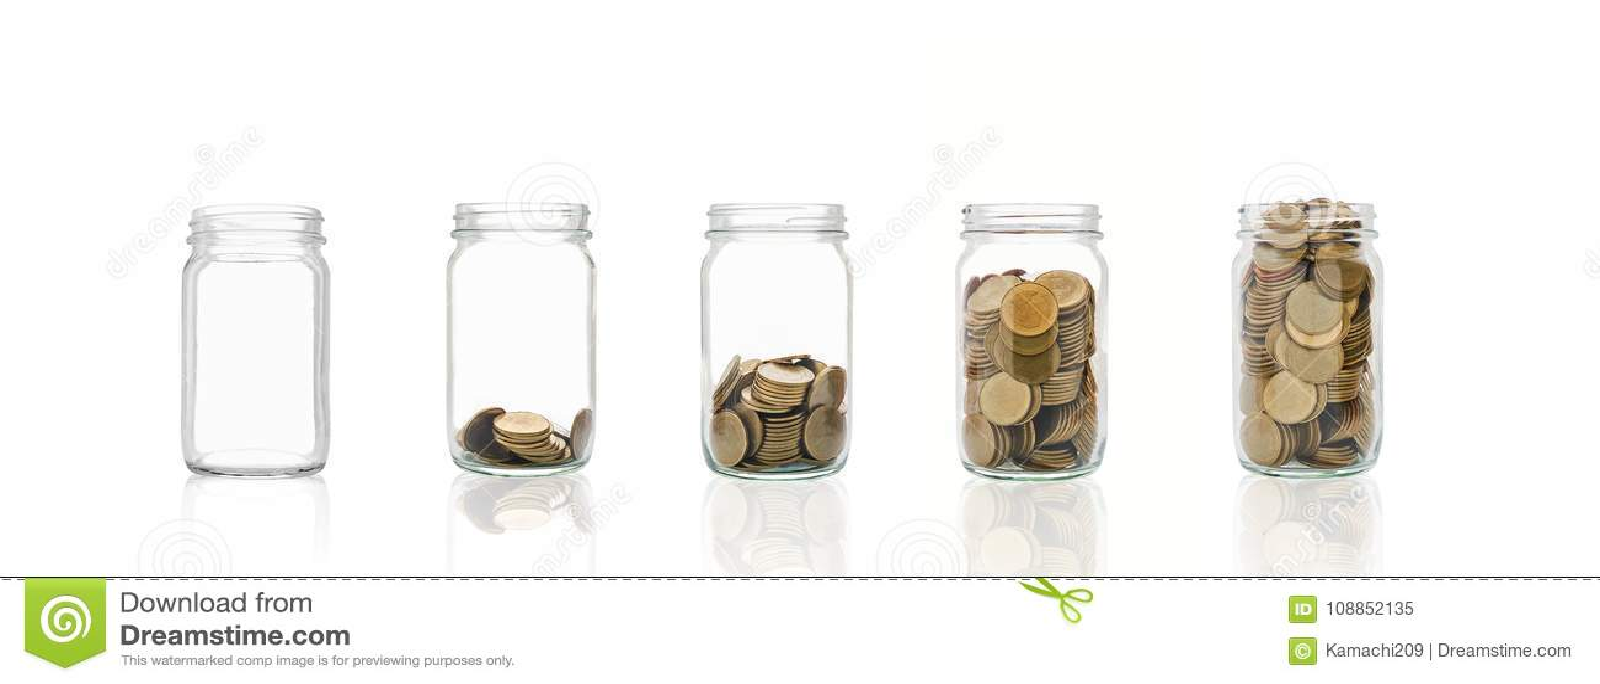 Las monedas en una botella, representan el crecimiento financiero Cuanto más dinero que usted ahorra, más usted conseguirá